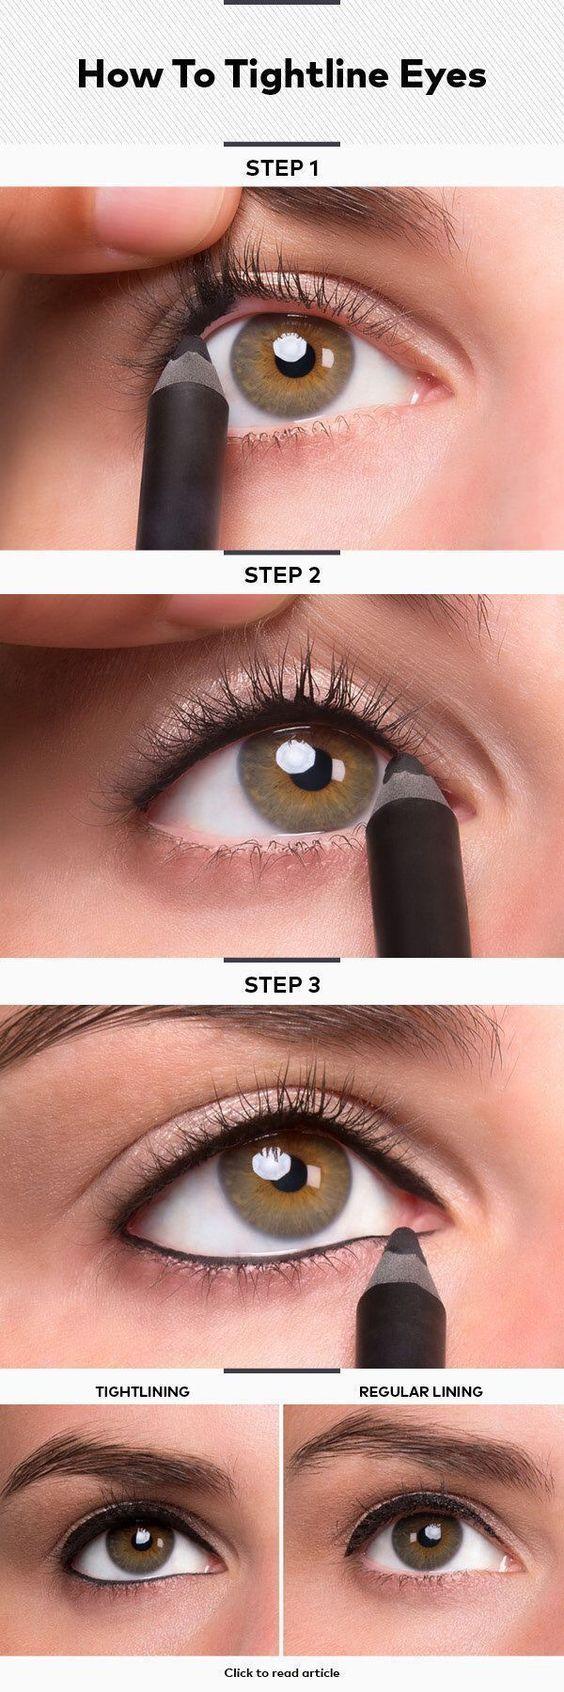 آموزش کشیدن درست خط چشم